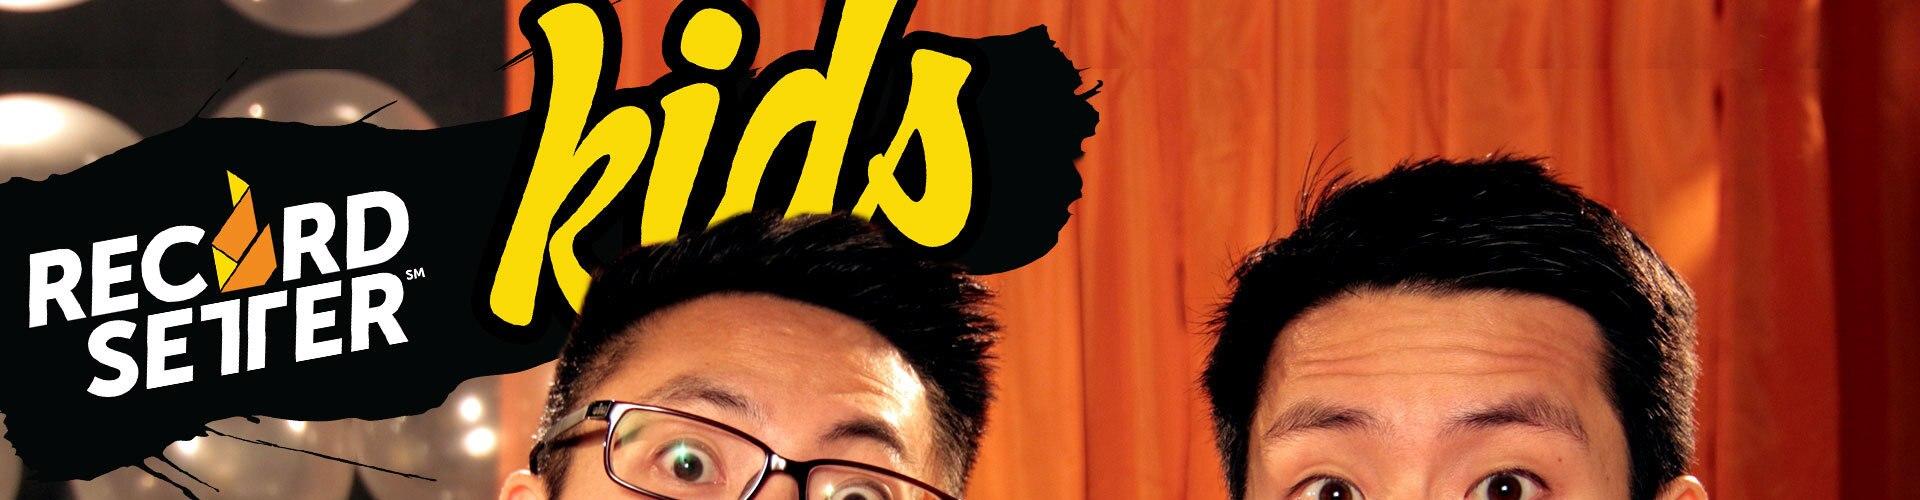 Watch Recordsetter Kids Online